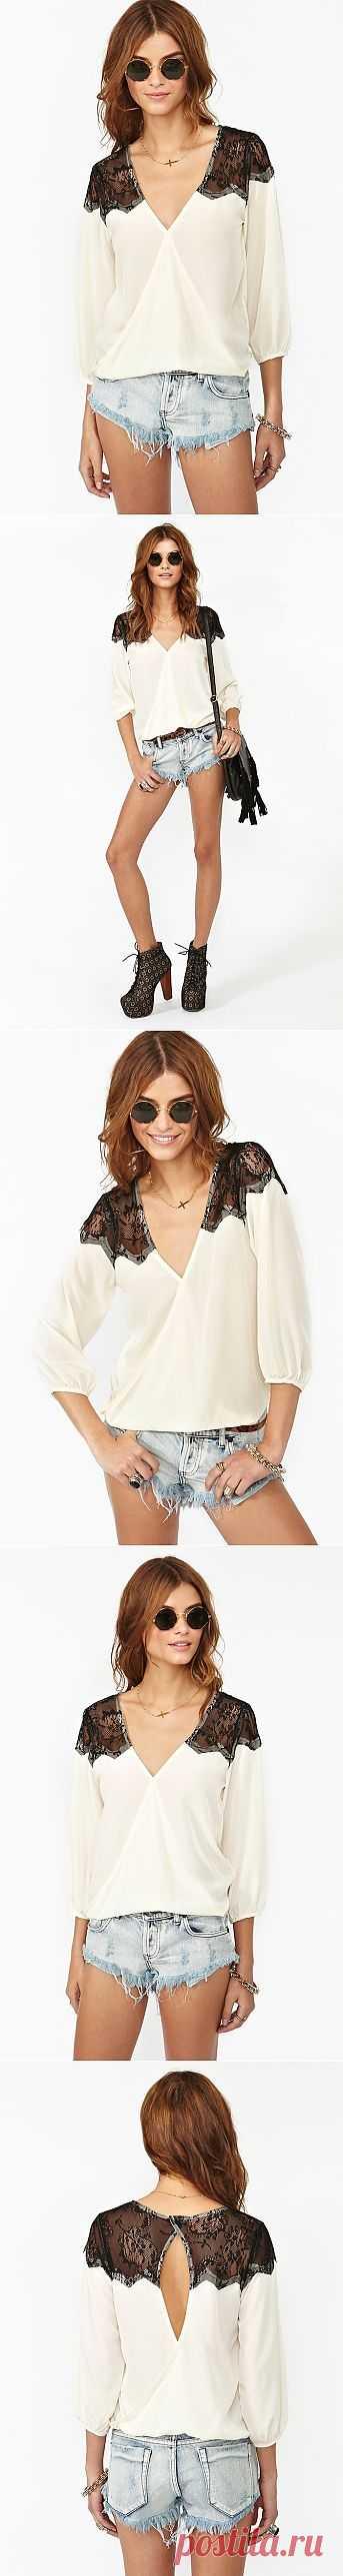 Интересная блузка Nasty Gal / Блузки / Модный сайт о стильной переделке одежды и интерьера